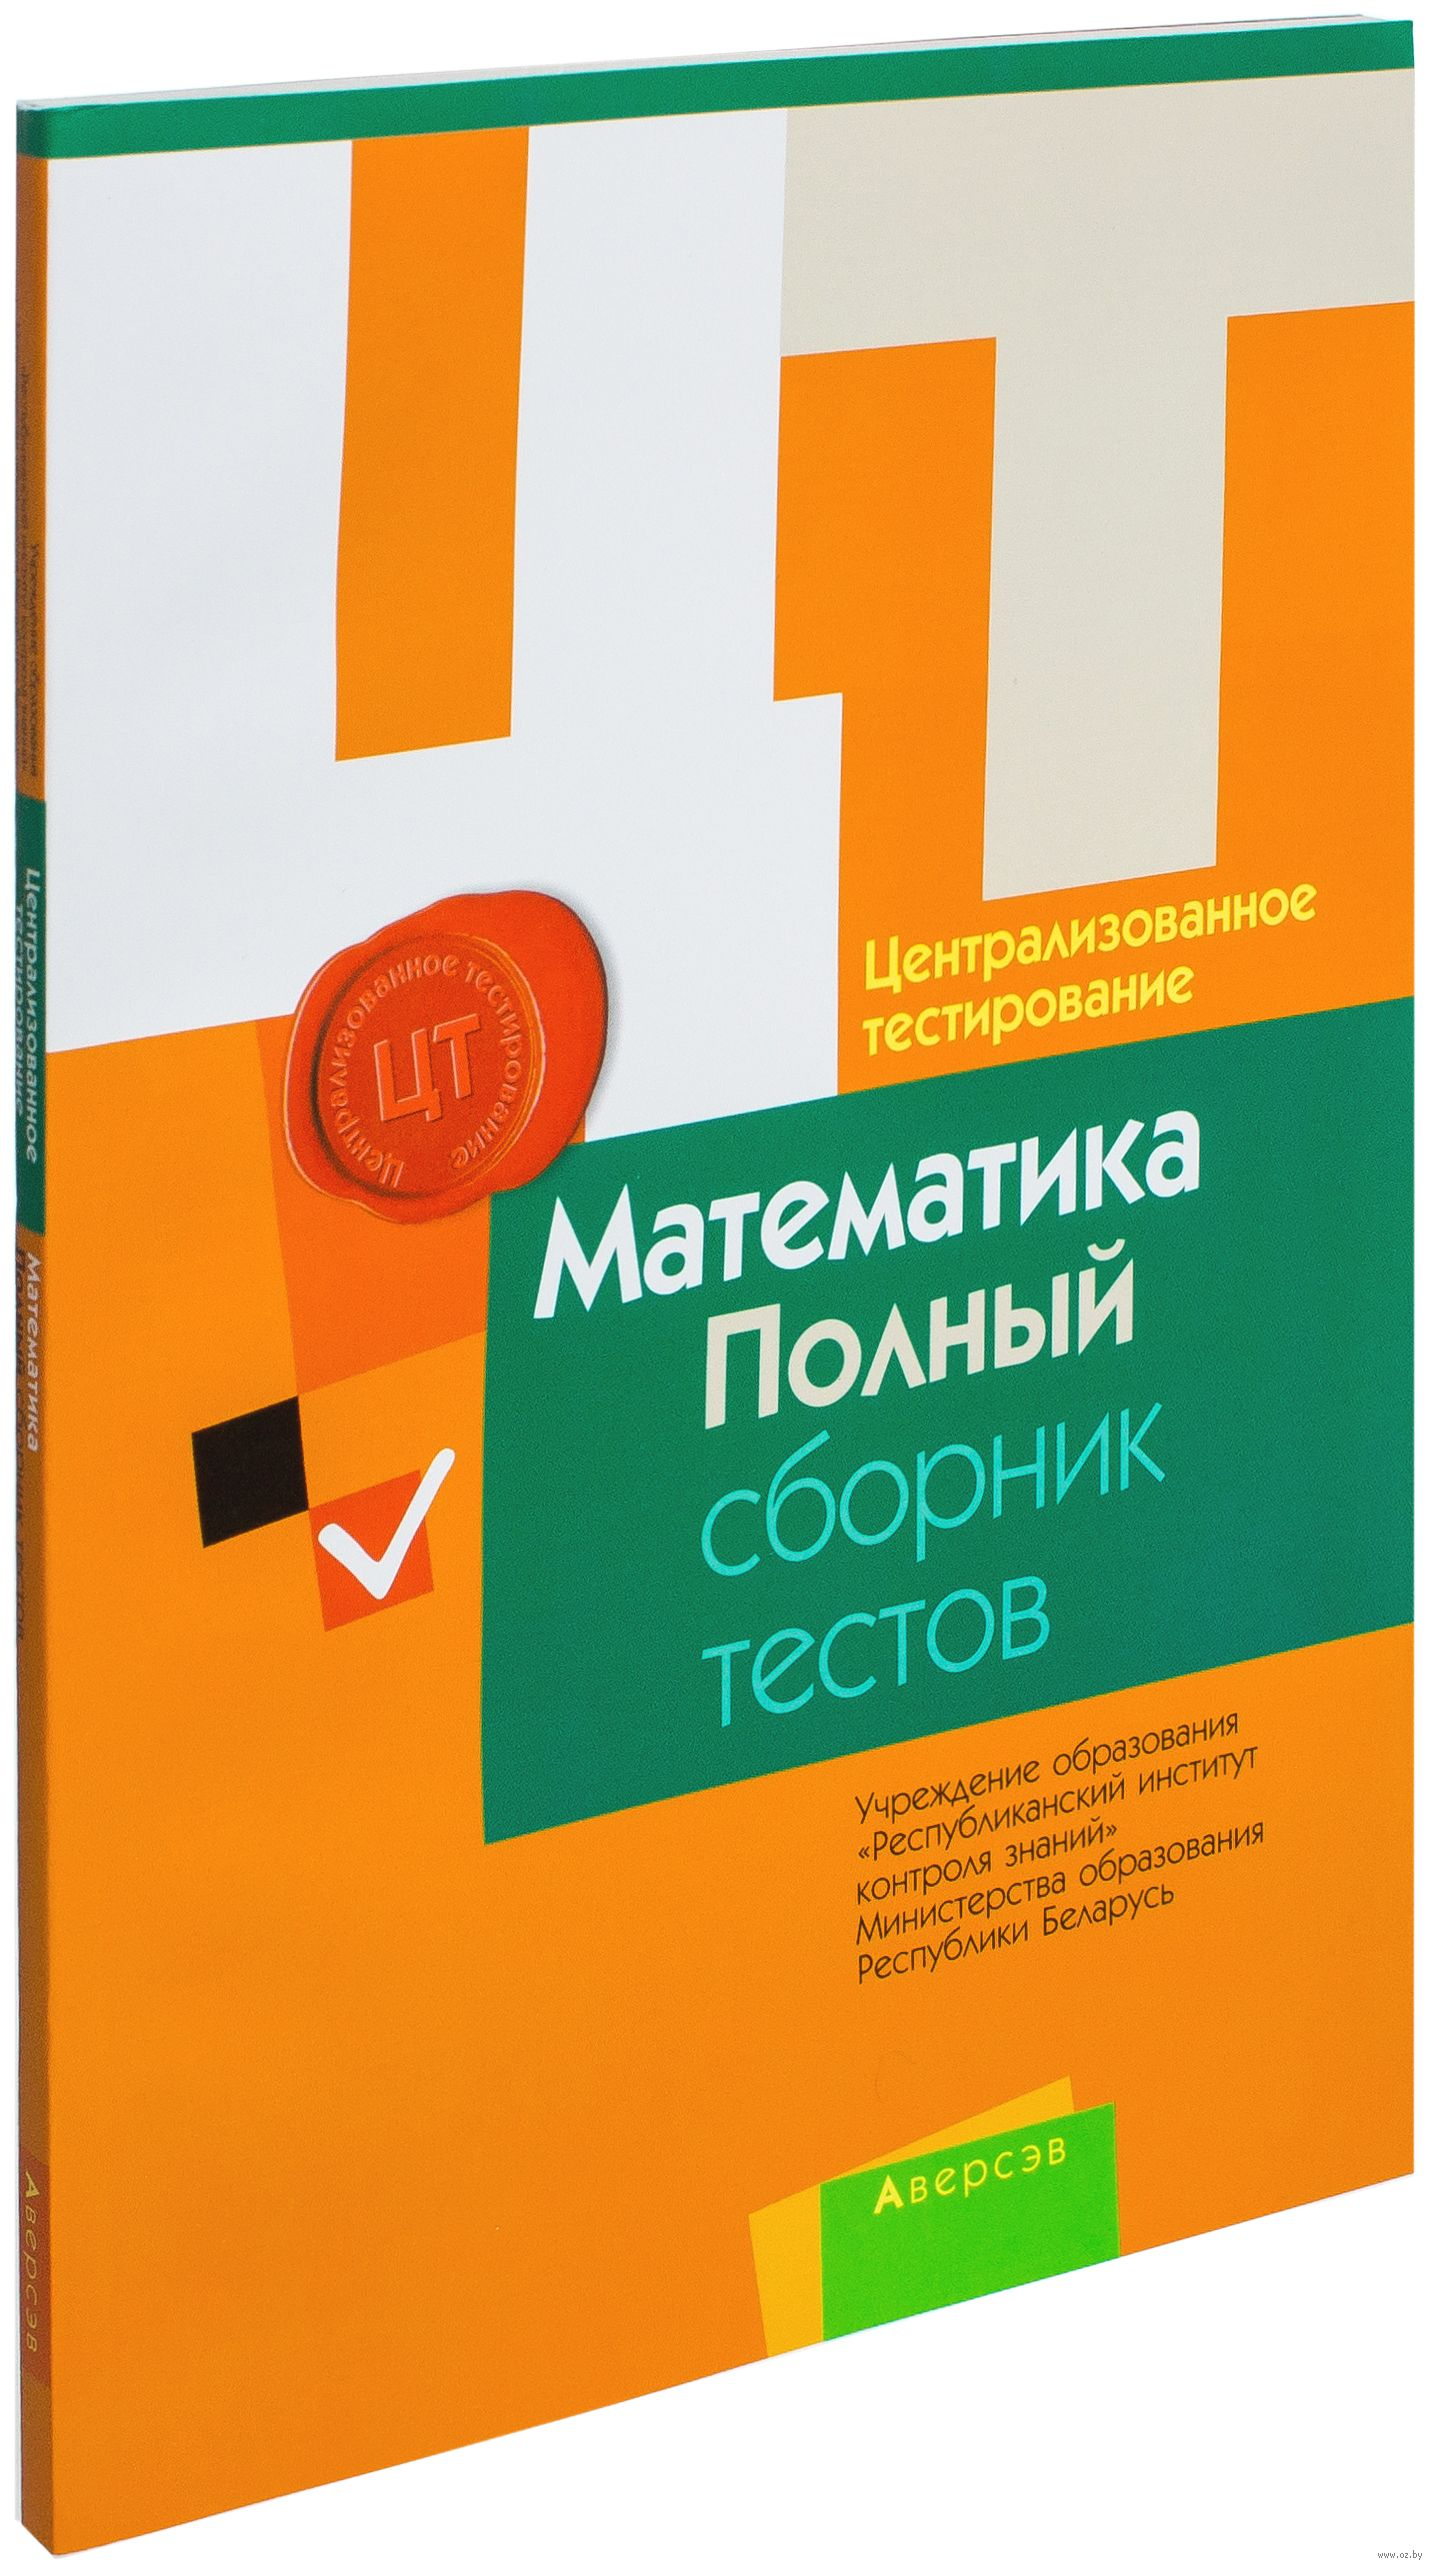 Книге сборник к решебник централизованное математика тестирование тестов